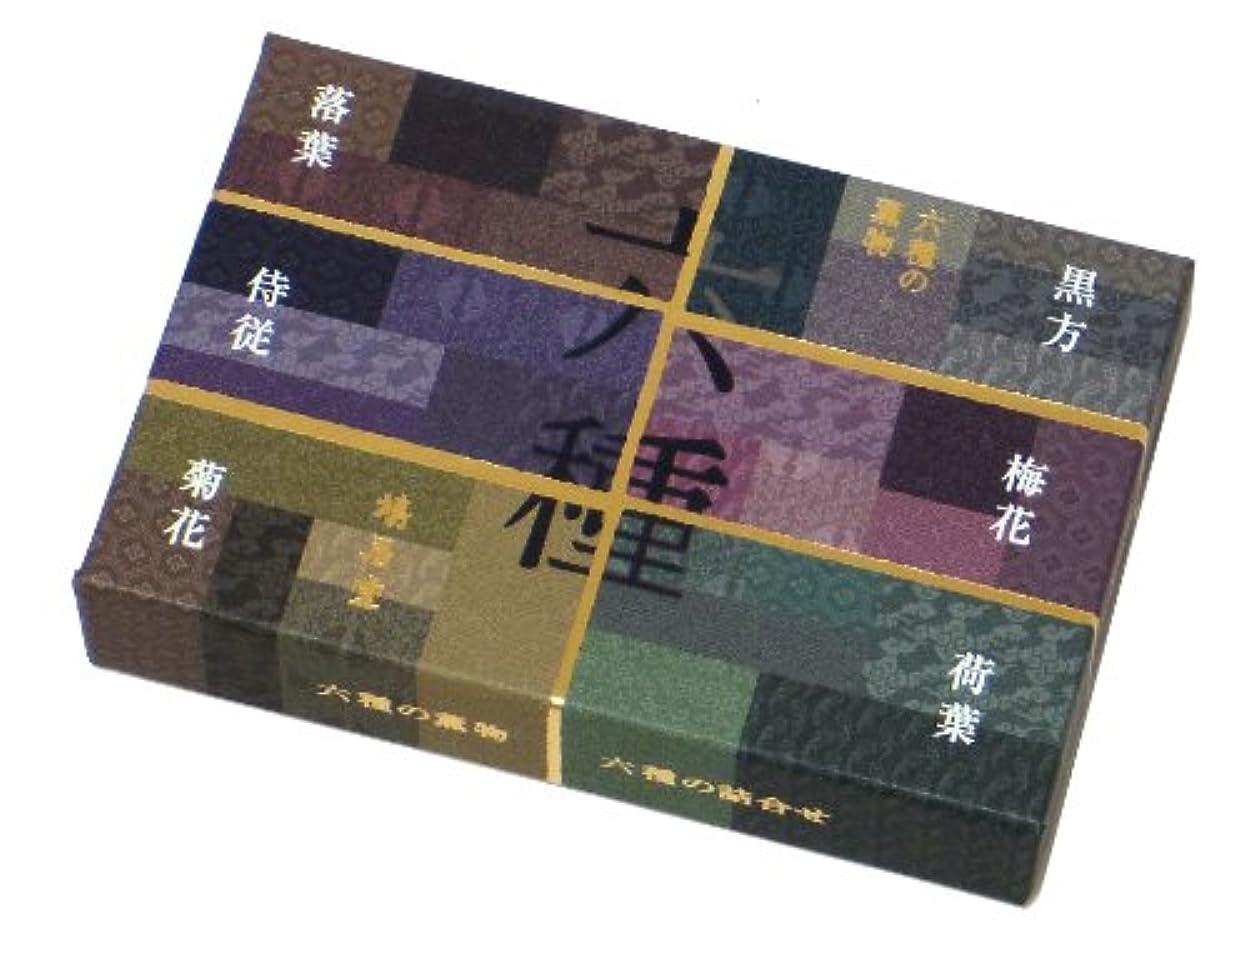 発生誰のスキニー鳩居堂のお香 六種の薫物6種セット 6種類各5本入 6cm 香立入